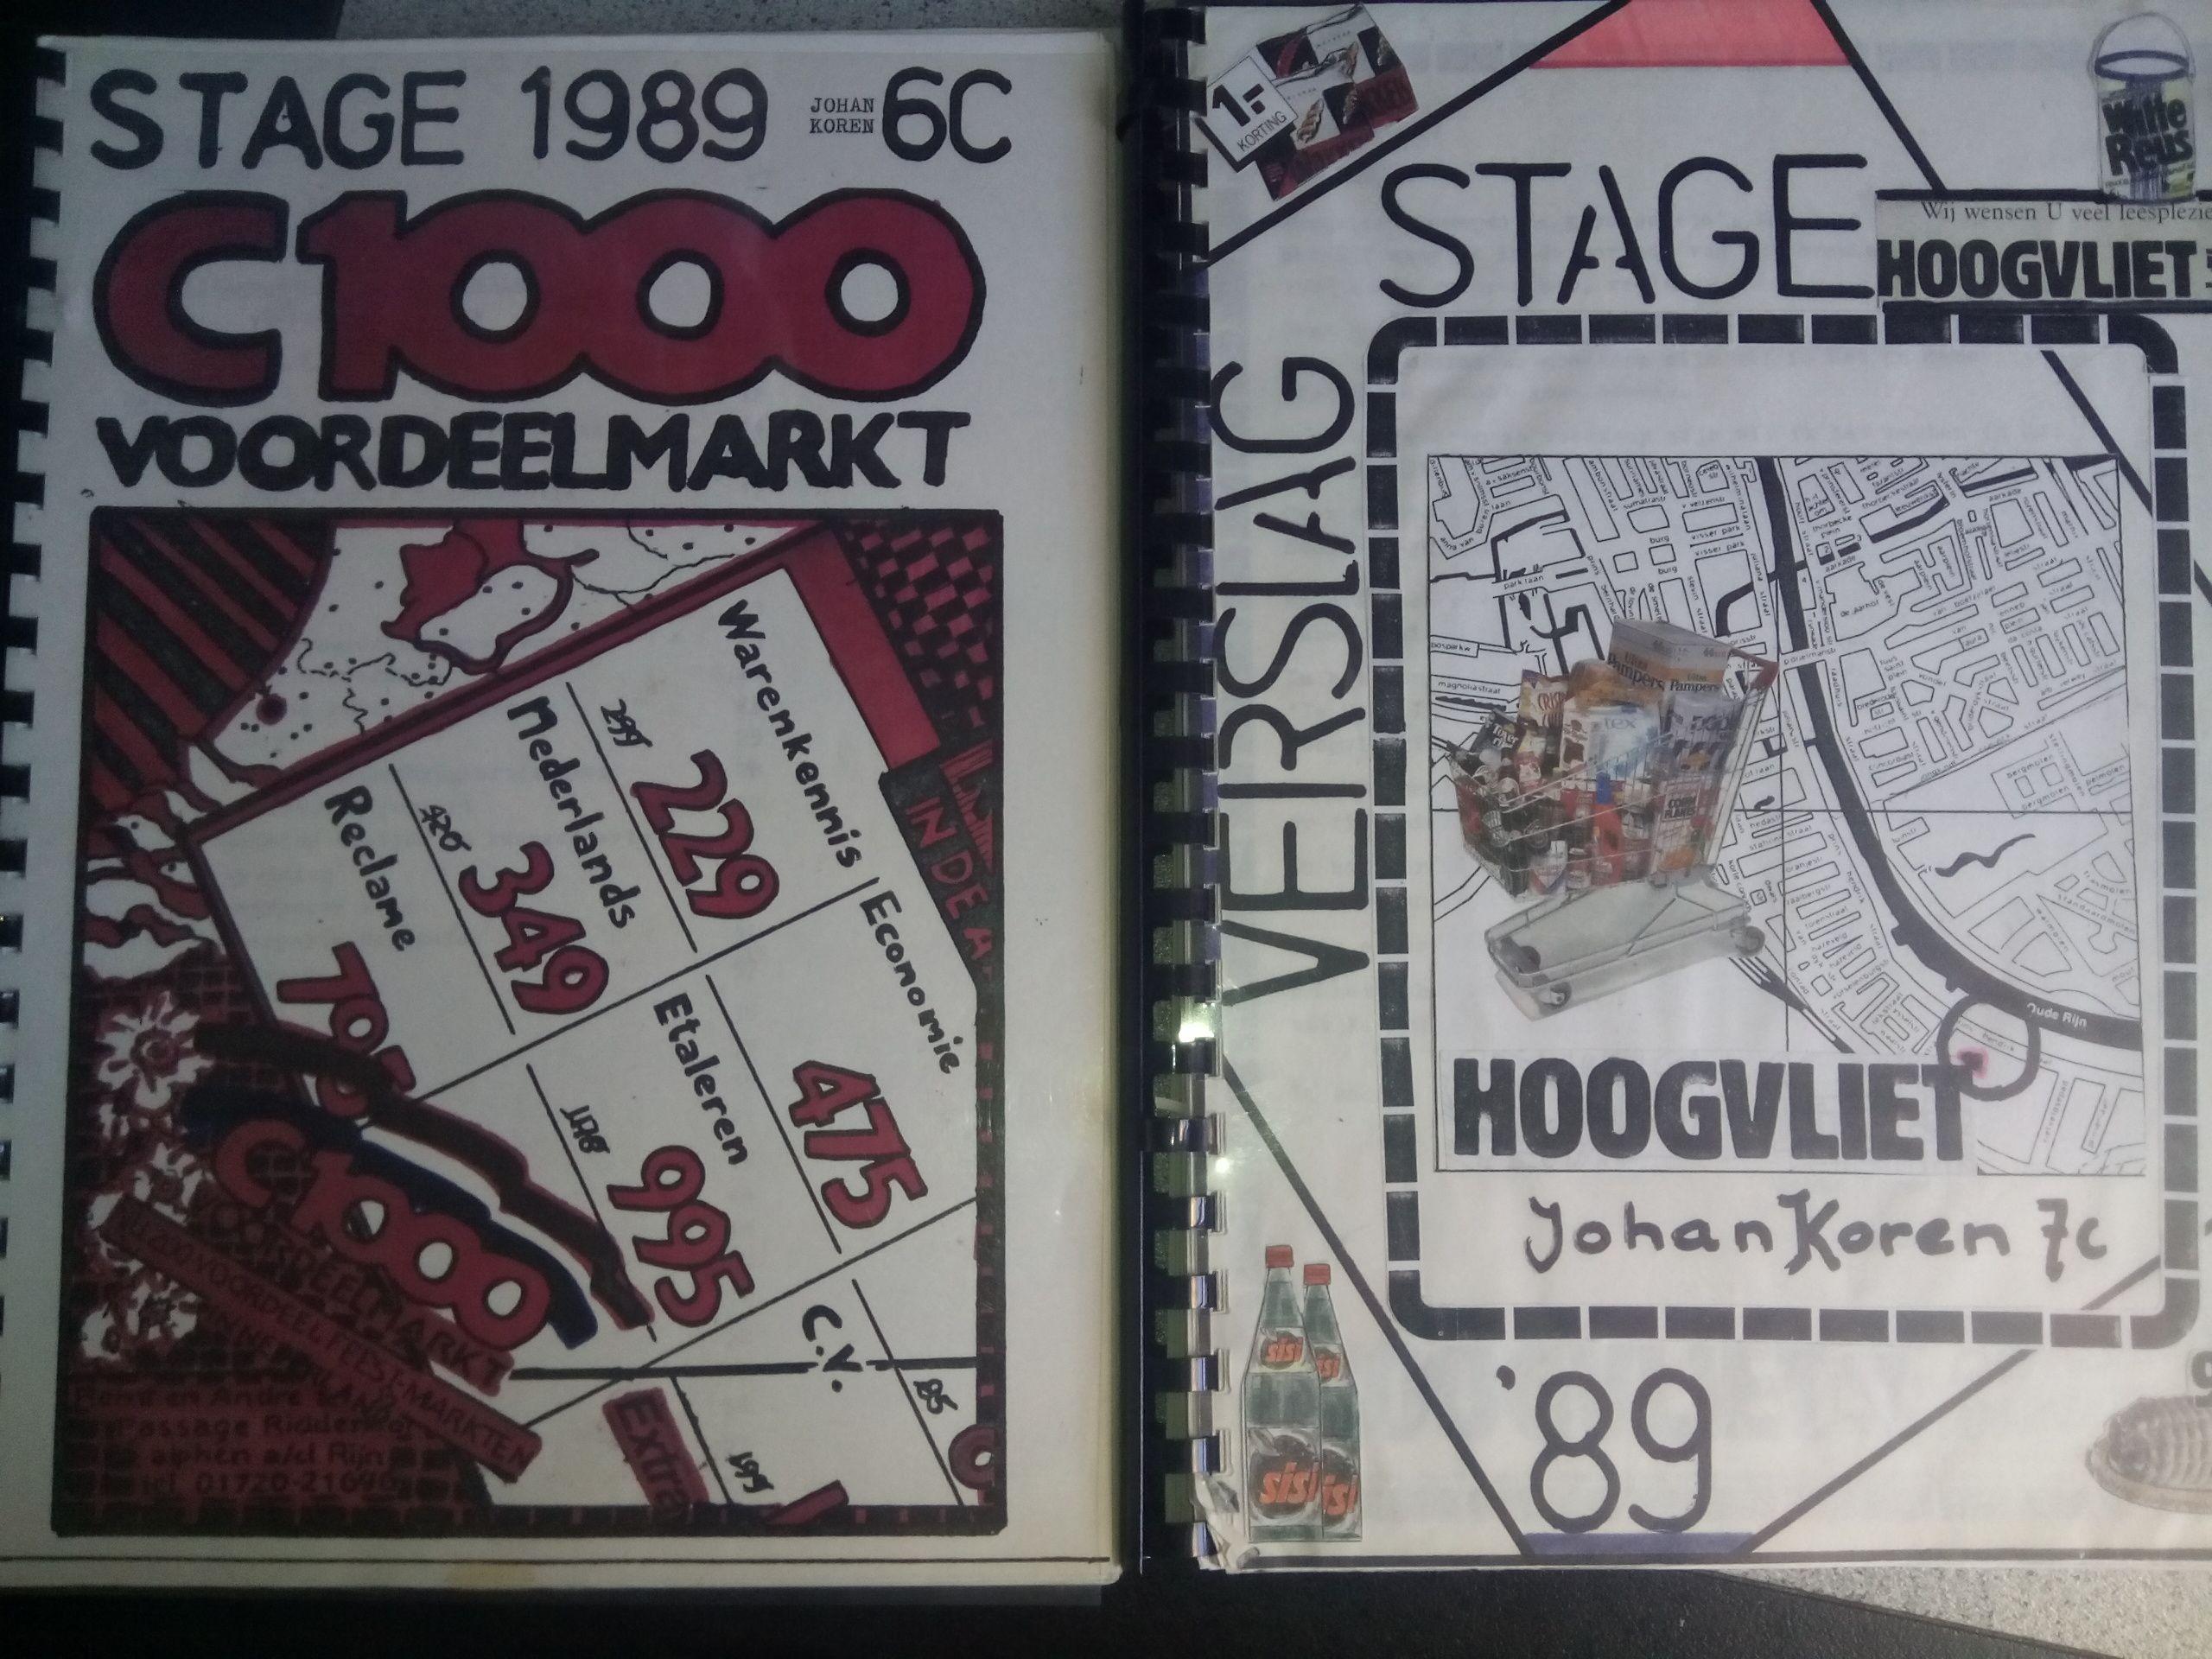 Tijdens mijn studie aan de Middelbare Detailhandel School liep ik twee periodes stage. De eerste bij C1000 , de tweede bij Hoogvliet. Van beide maakte ik een dik stageverslag.